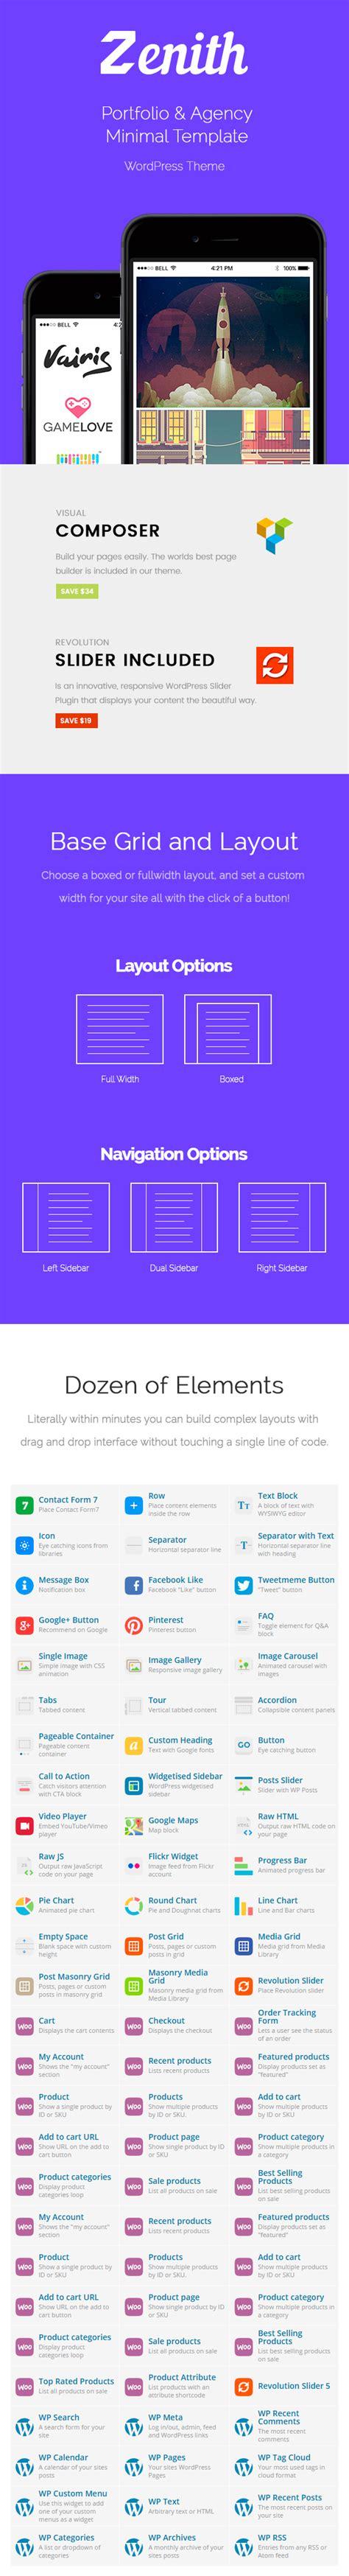 wordpress themes free zenith zenith portfolio multi purpose wordpress theme themes